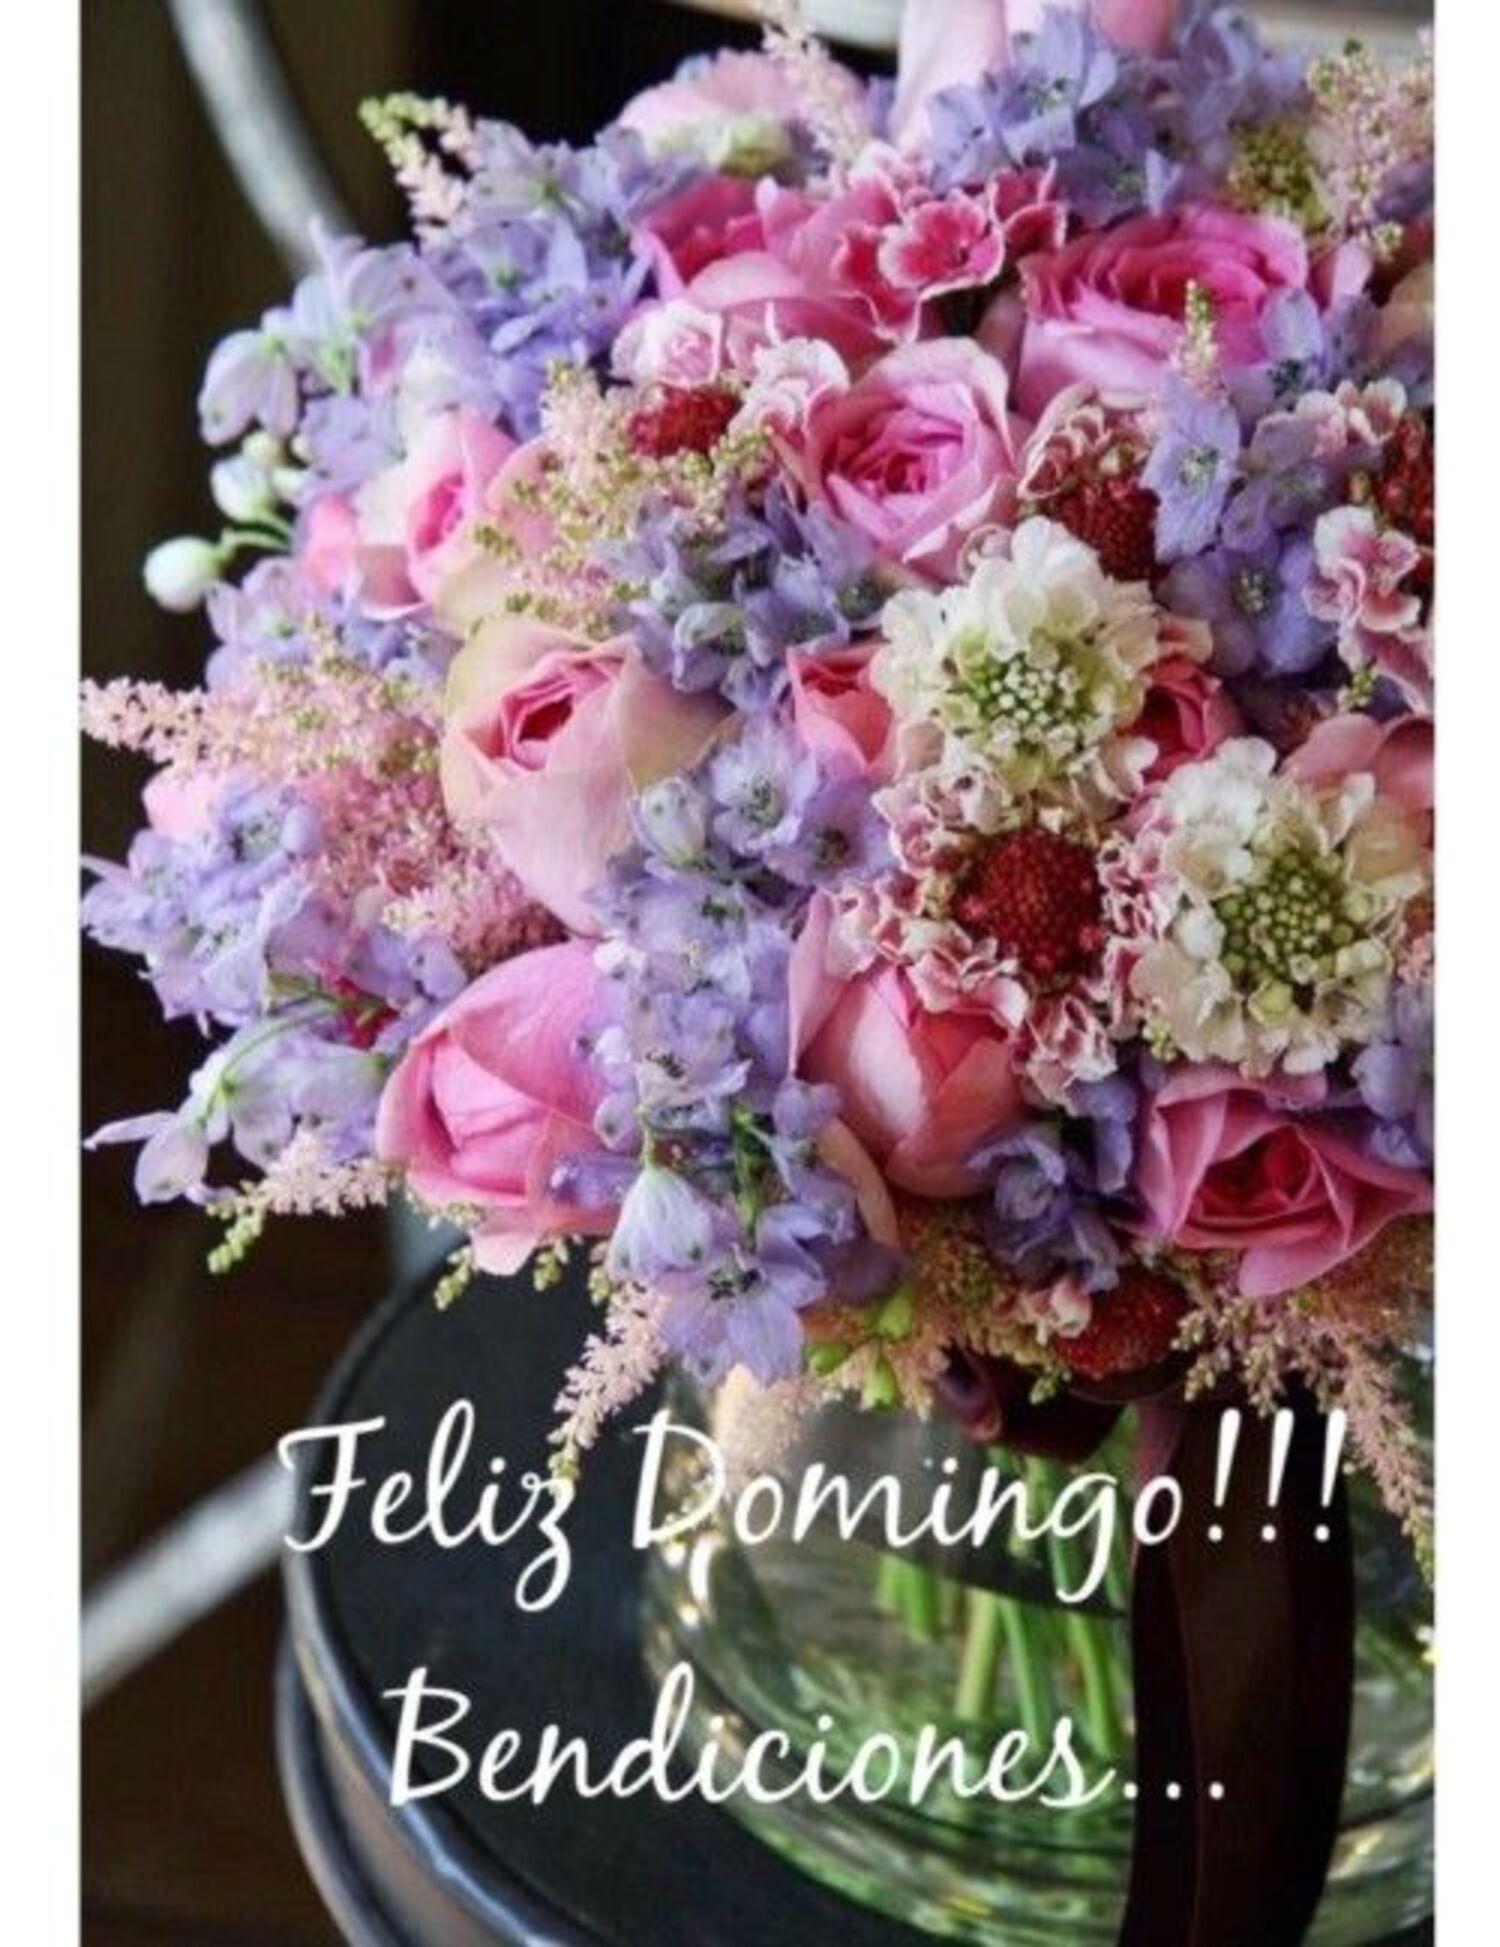 Feliz domingo!! bendiciones...